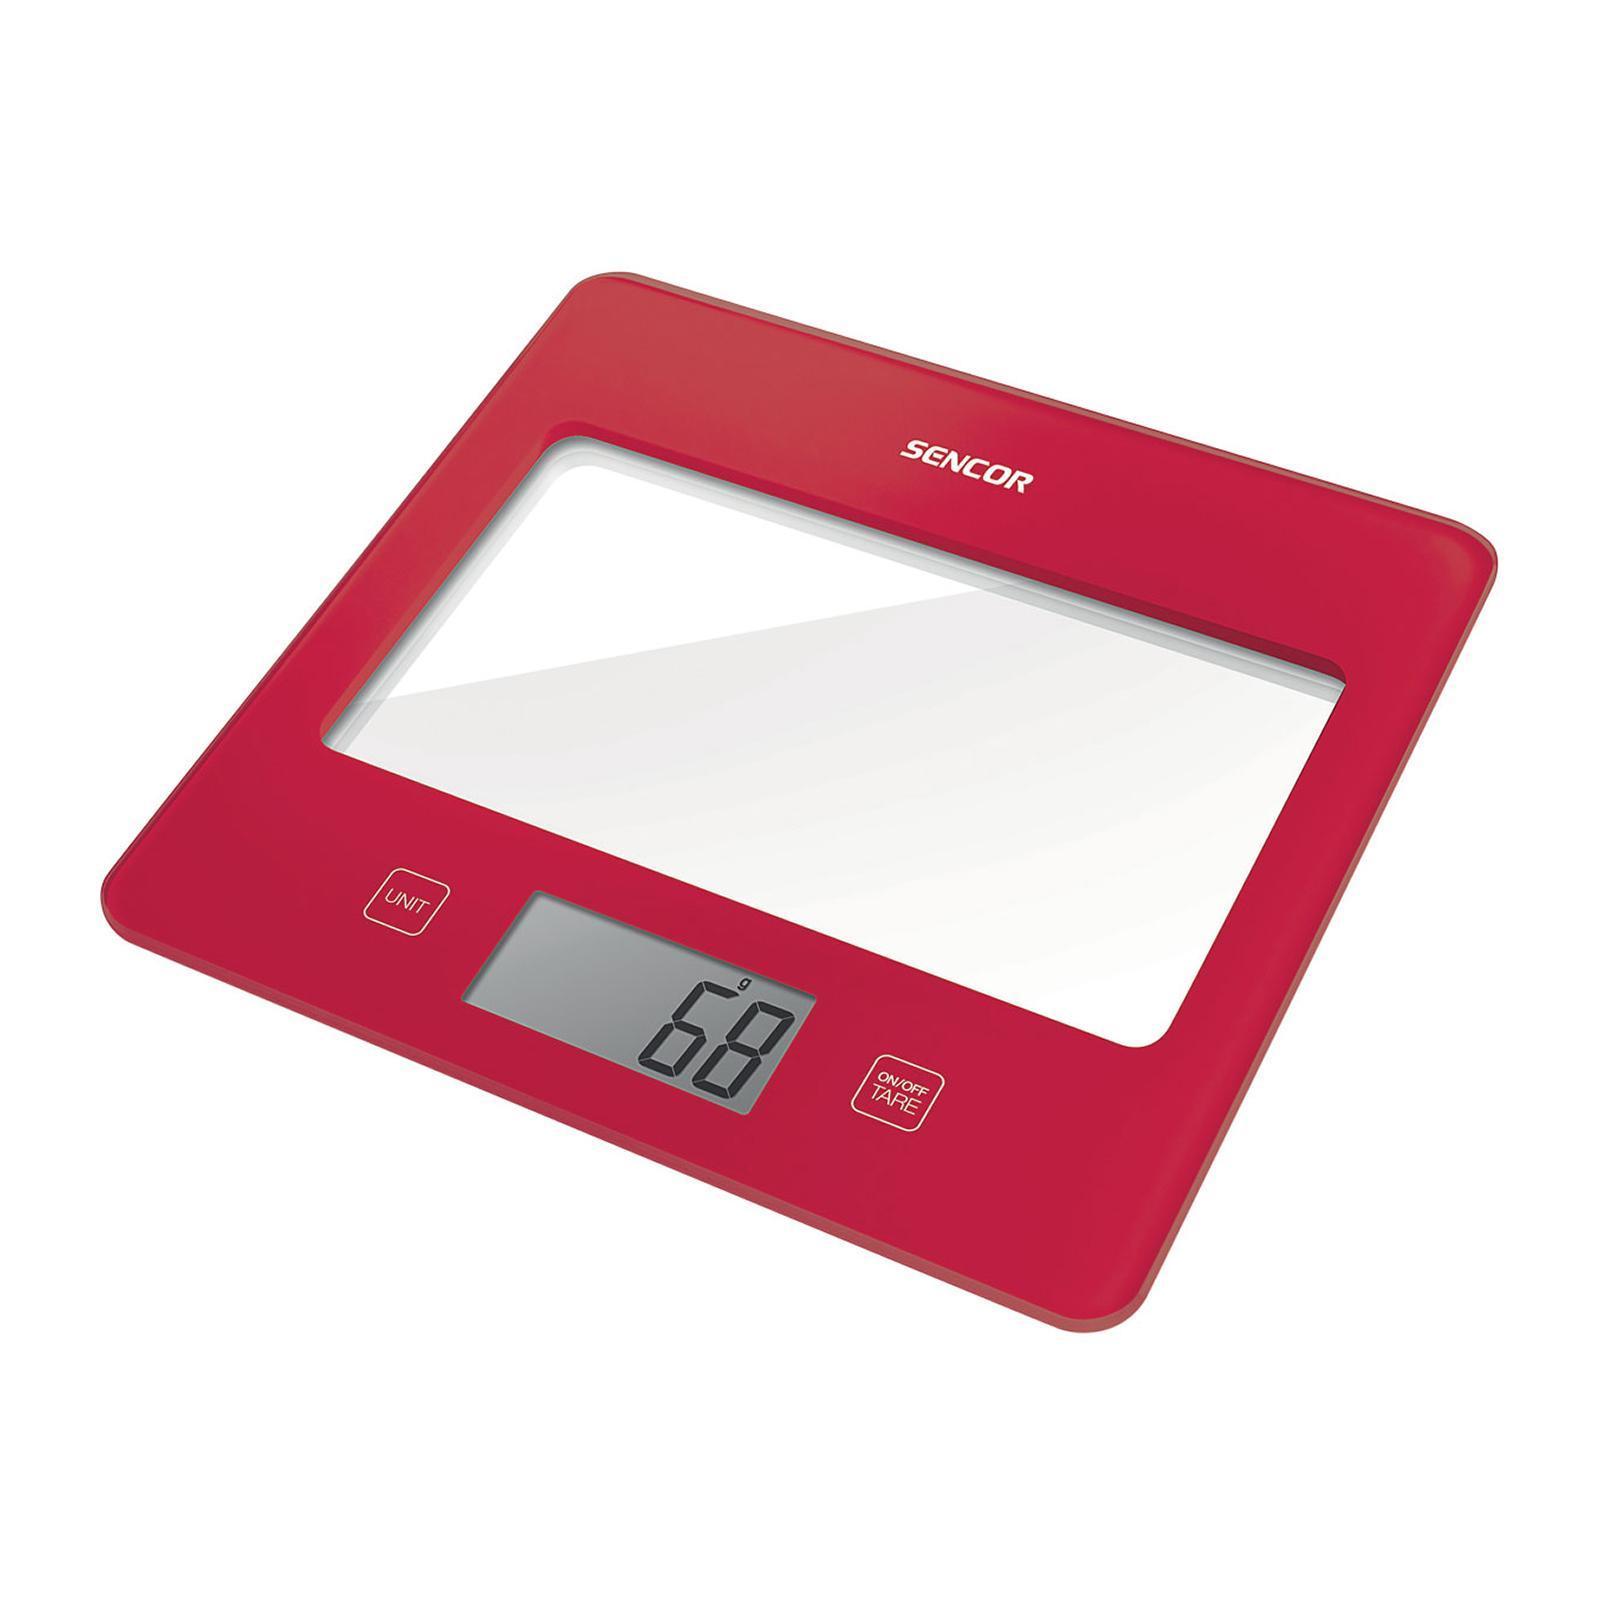 Sencor Kitchen Scale - Red